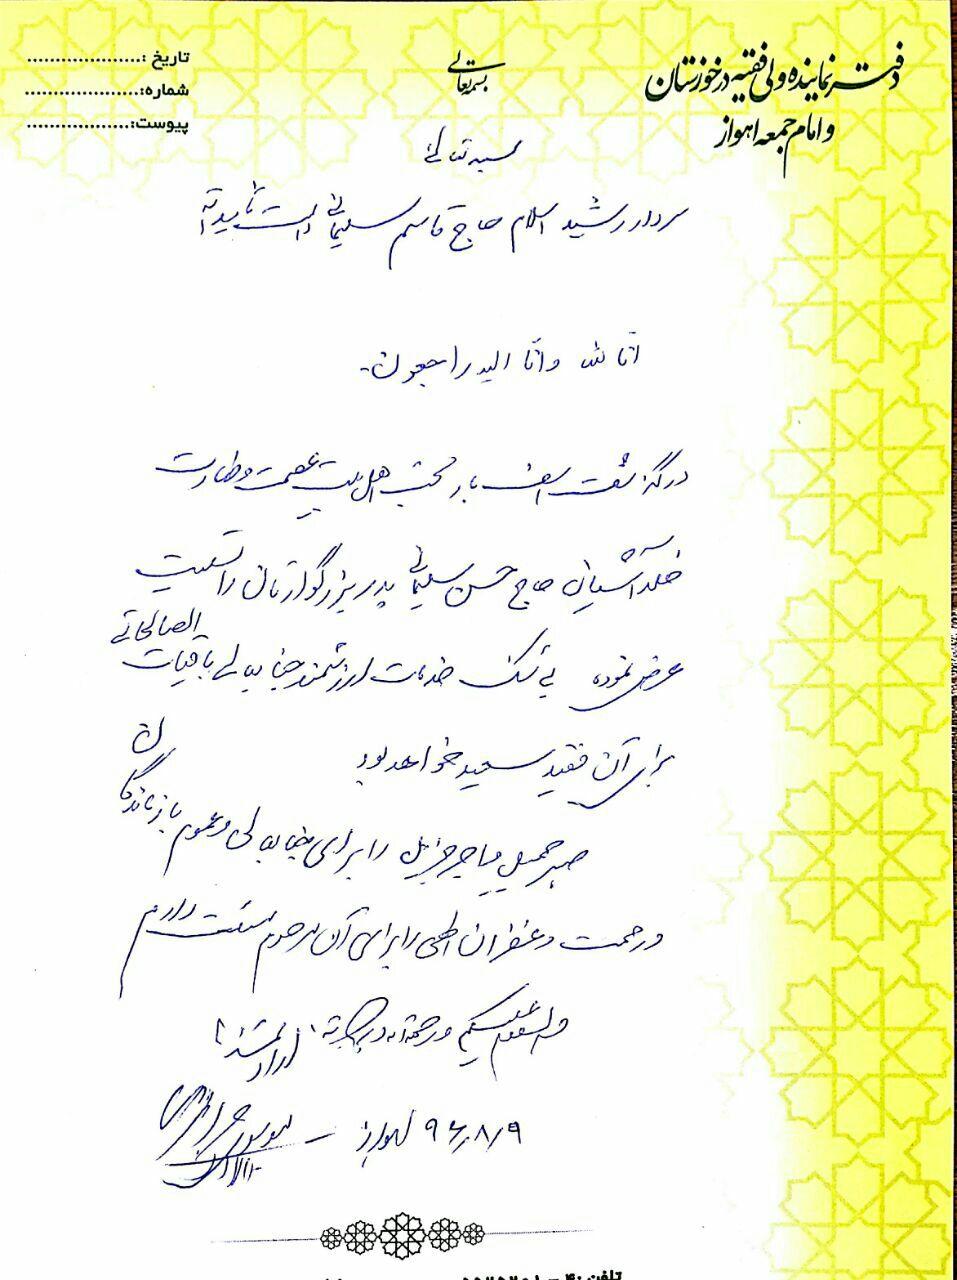 پیام در پی درگذشت پدر بزرگوار سردار حاج قاسم سلیمانی